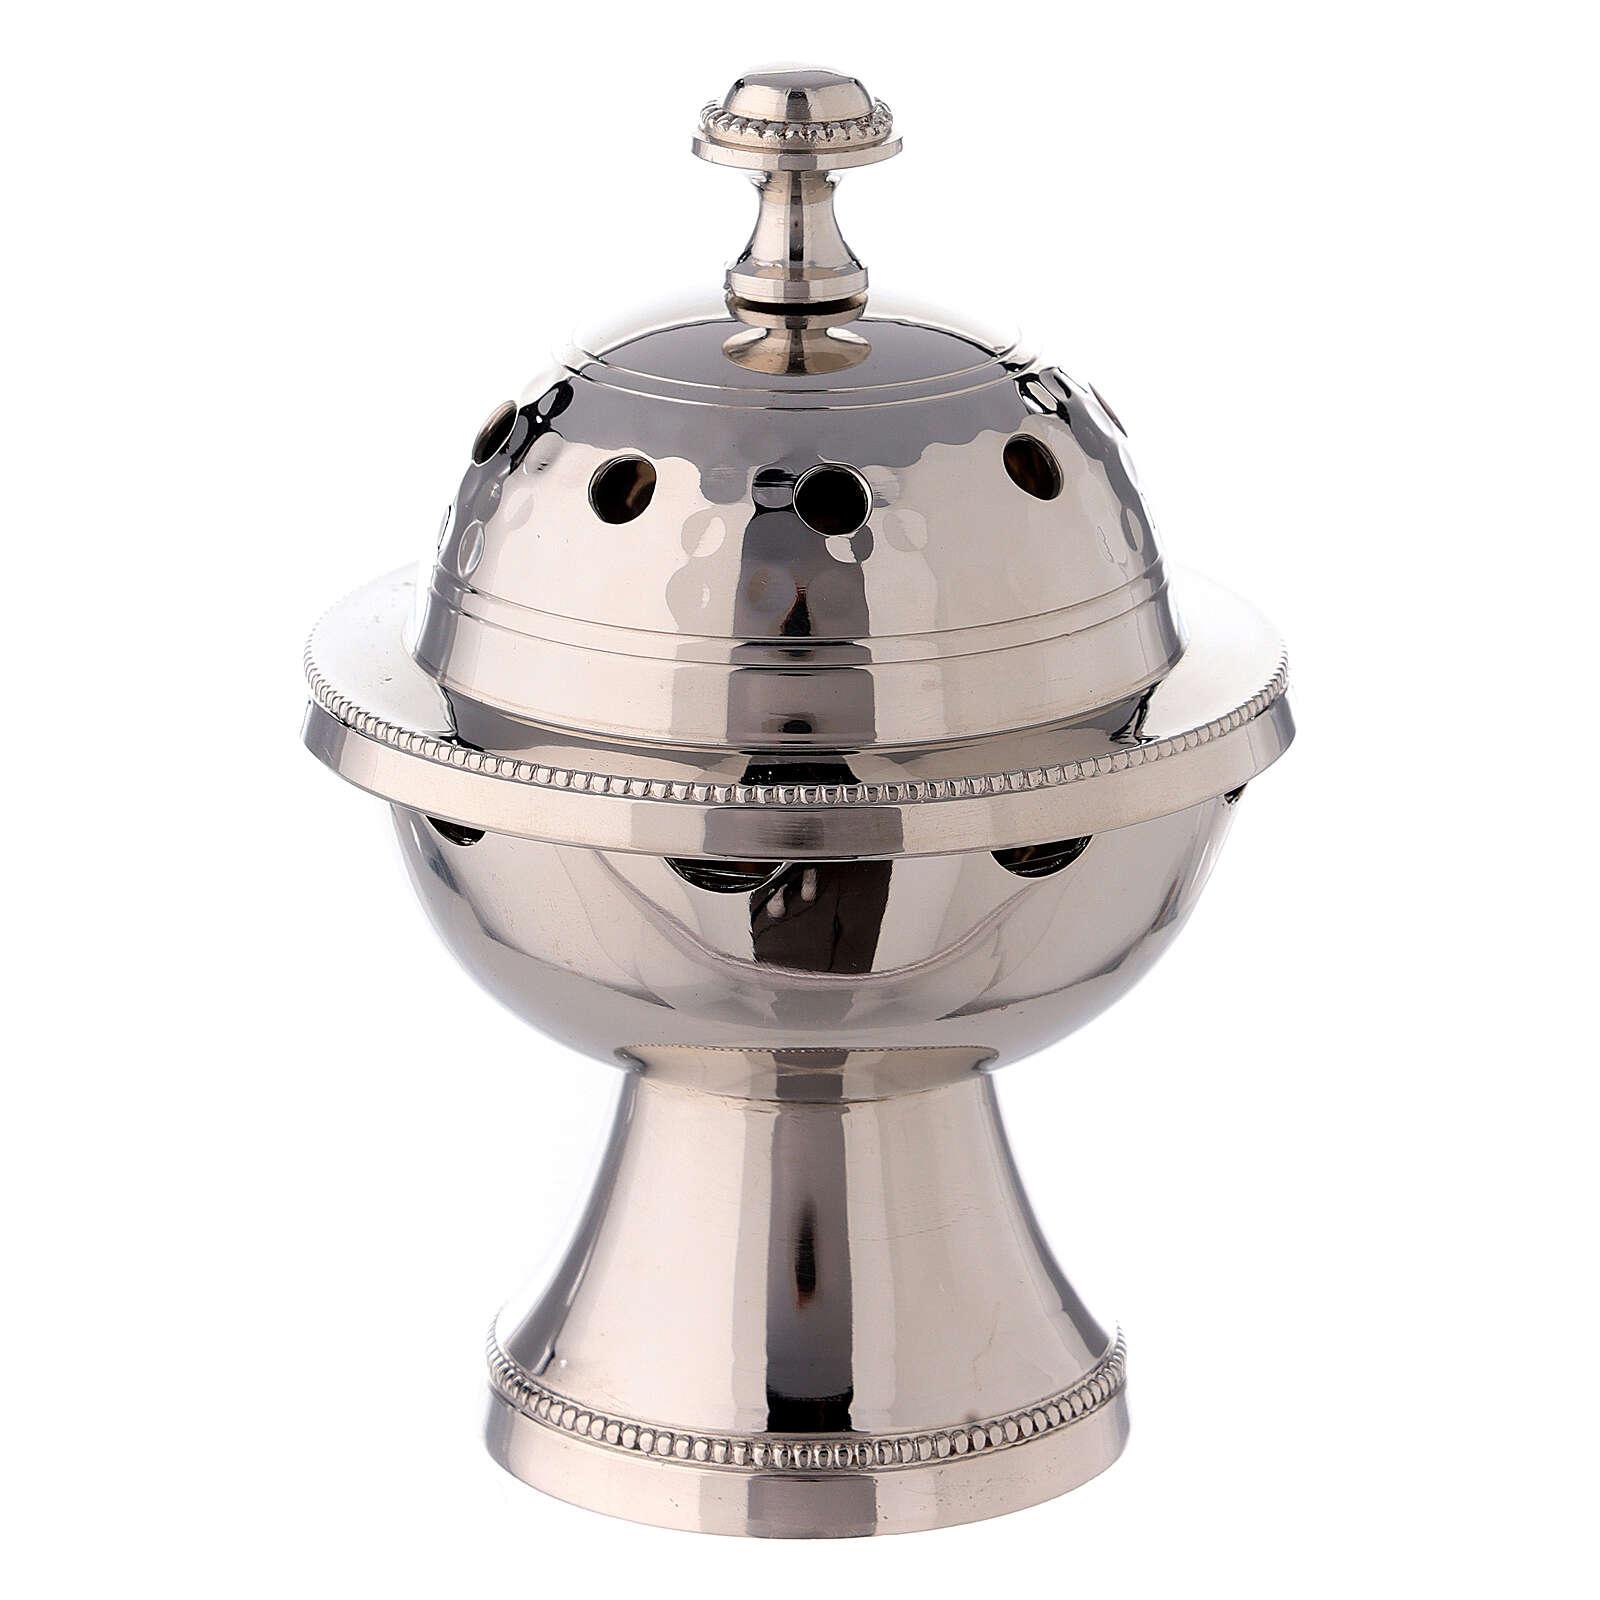 Pebetero esfera latón niquelado martillado 13 cm 3